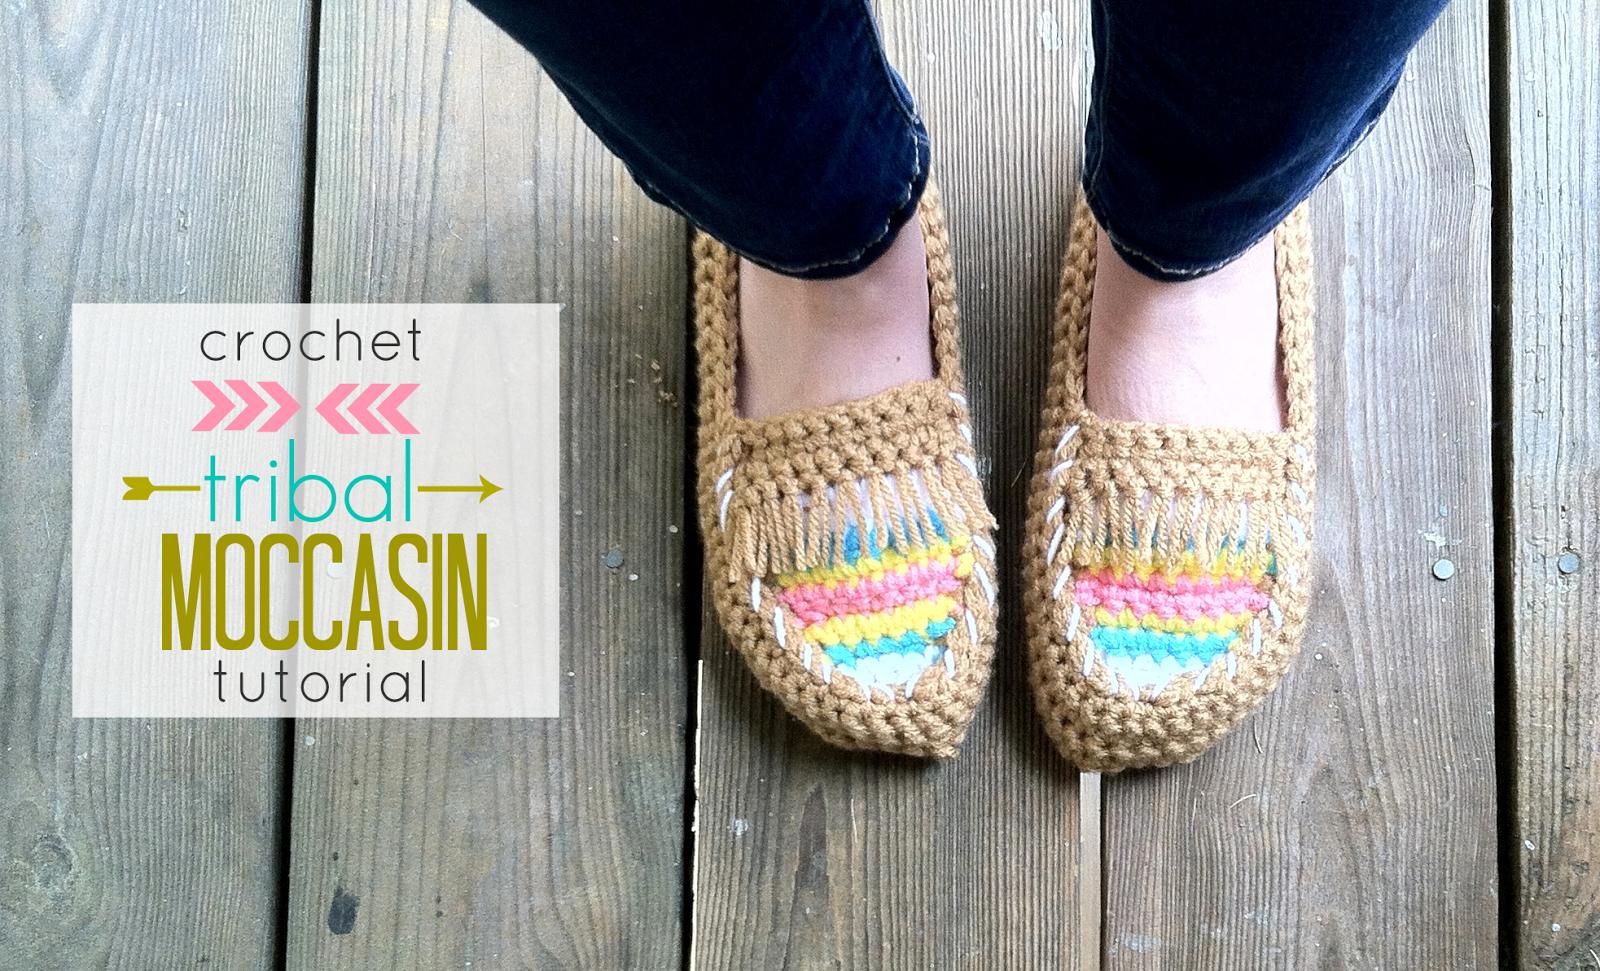 crochet tribal moccasin pattern